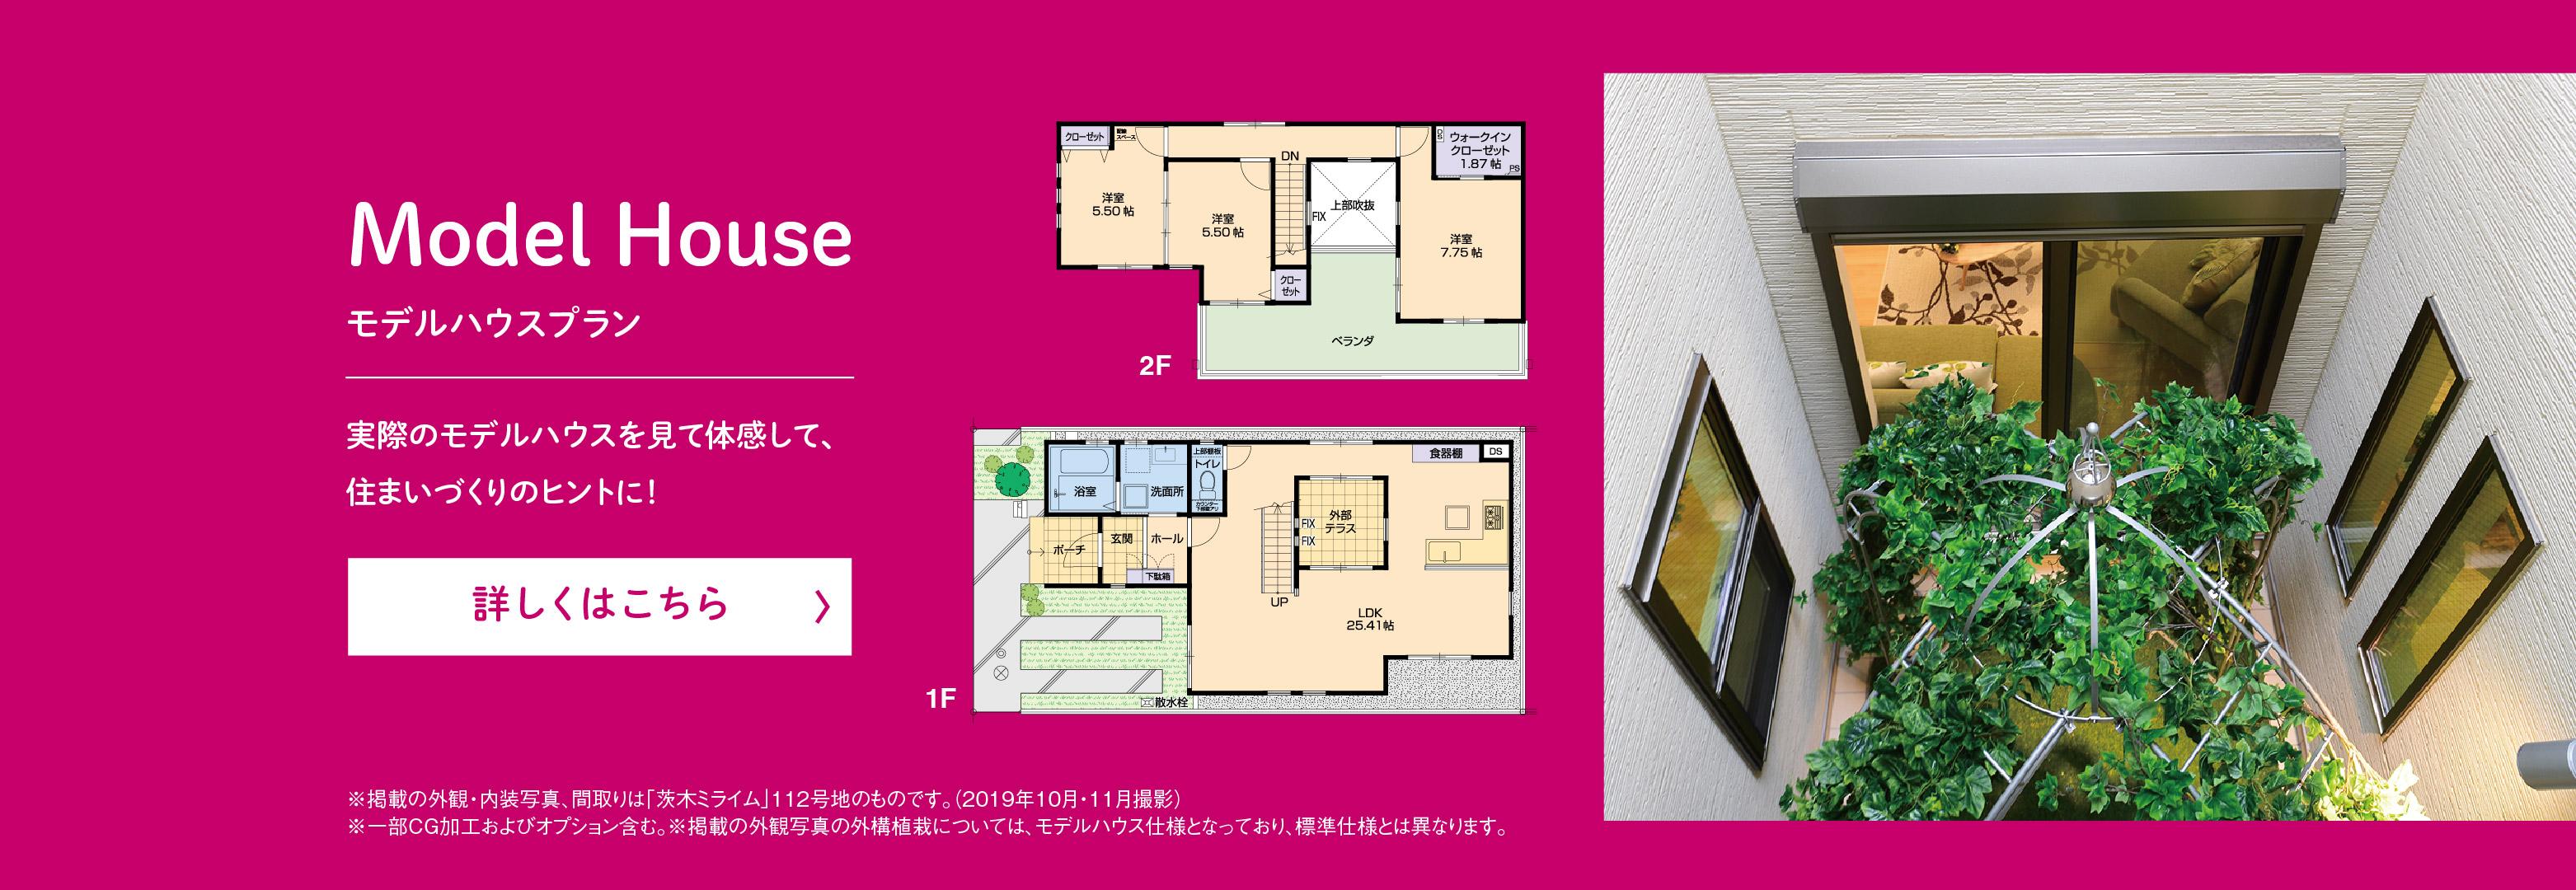 【高槻プレミアム】MODEL HOUSE